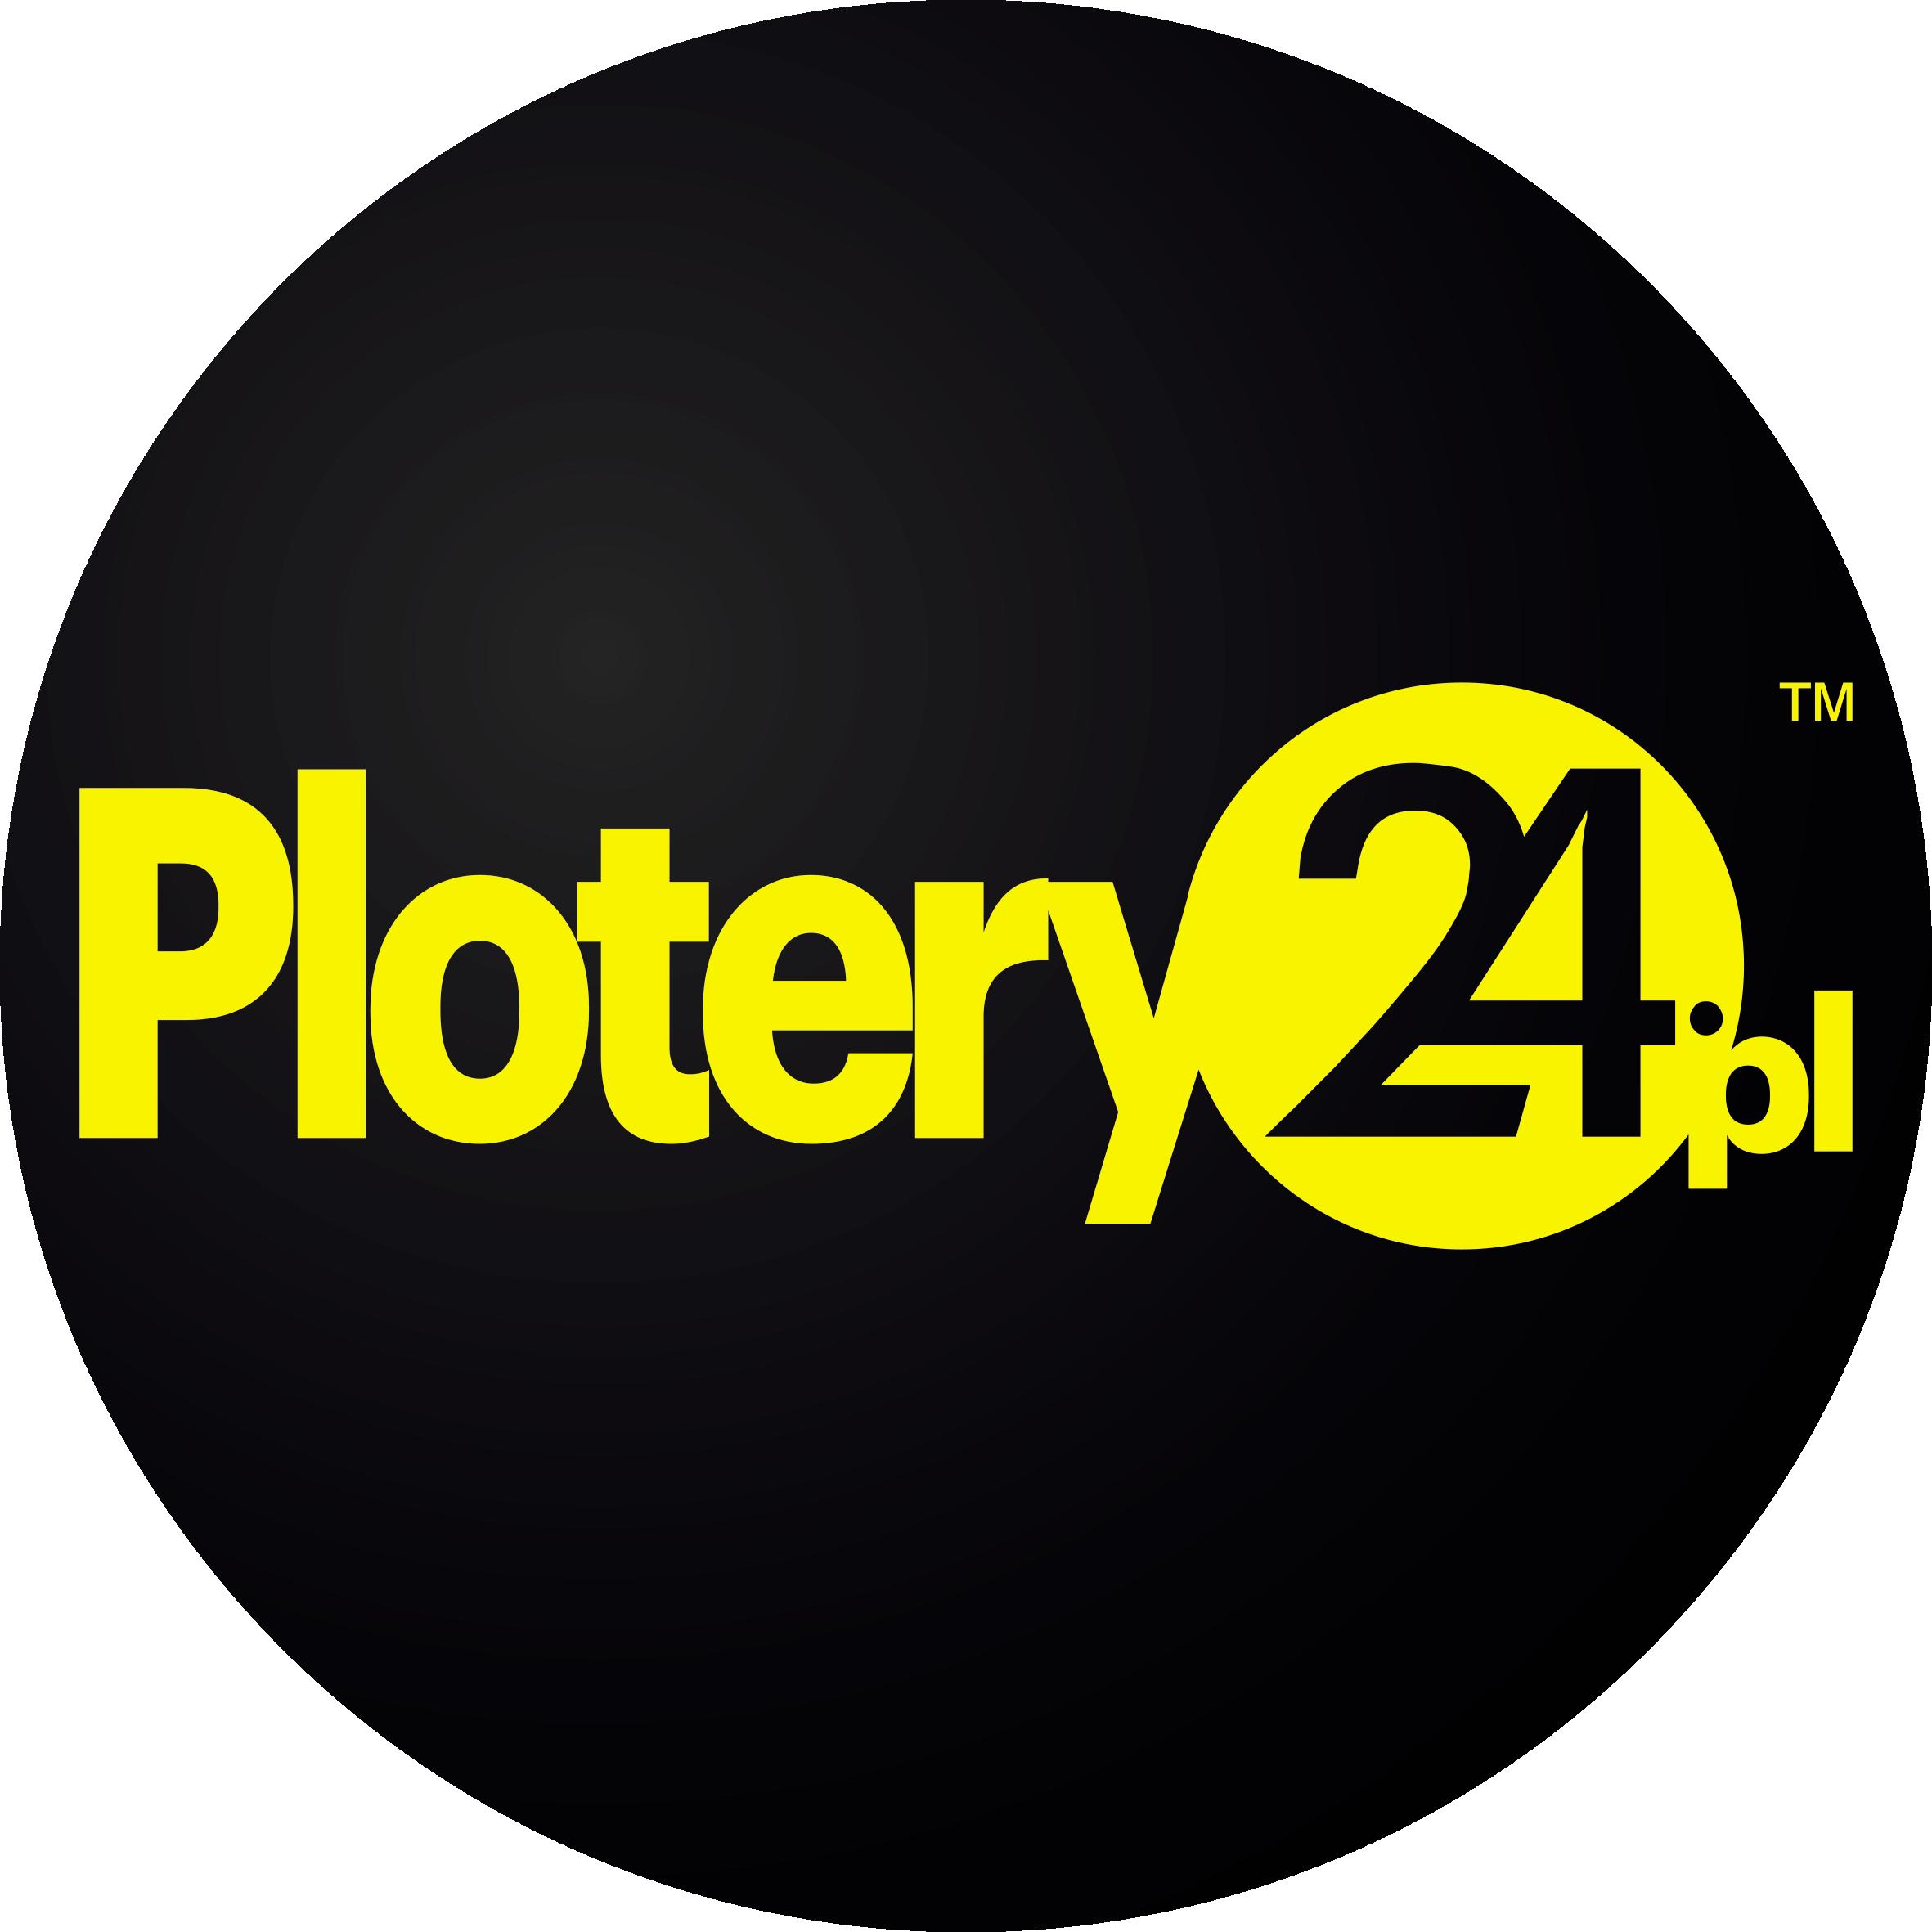 Plotery24.pl – Maszyny Serwis Wsparcie | marki: Mutoh Mimaki Roland Epson Pegasus Dr-INK i inne